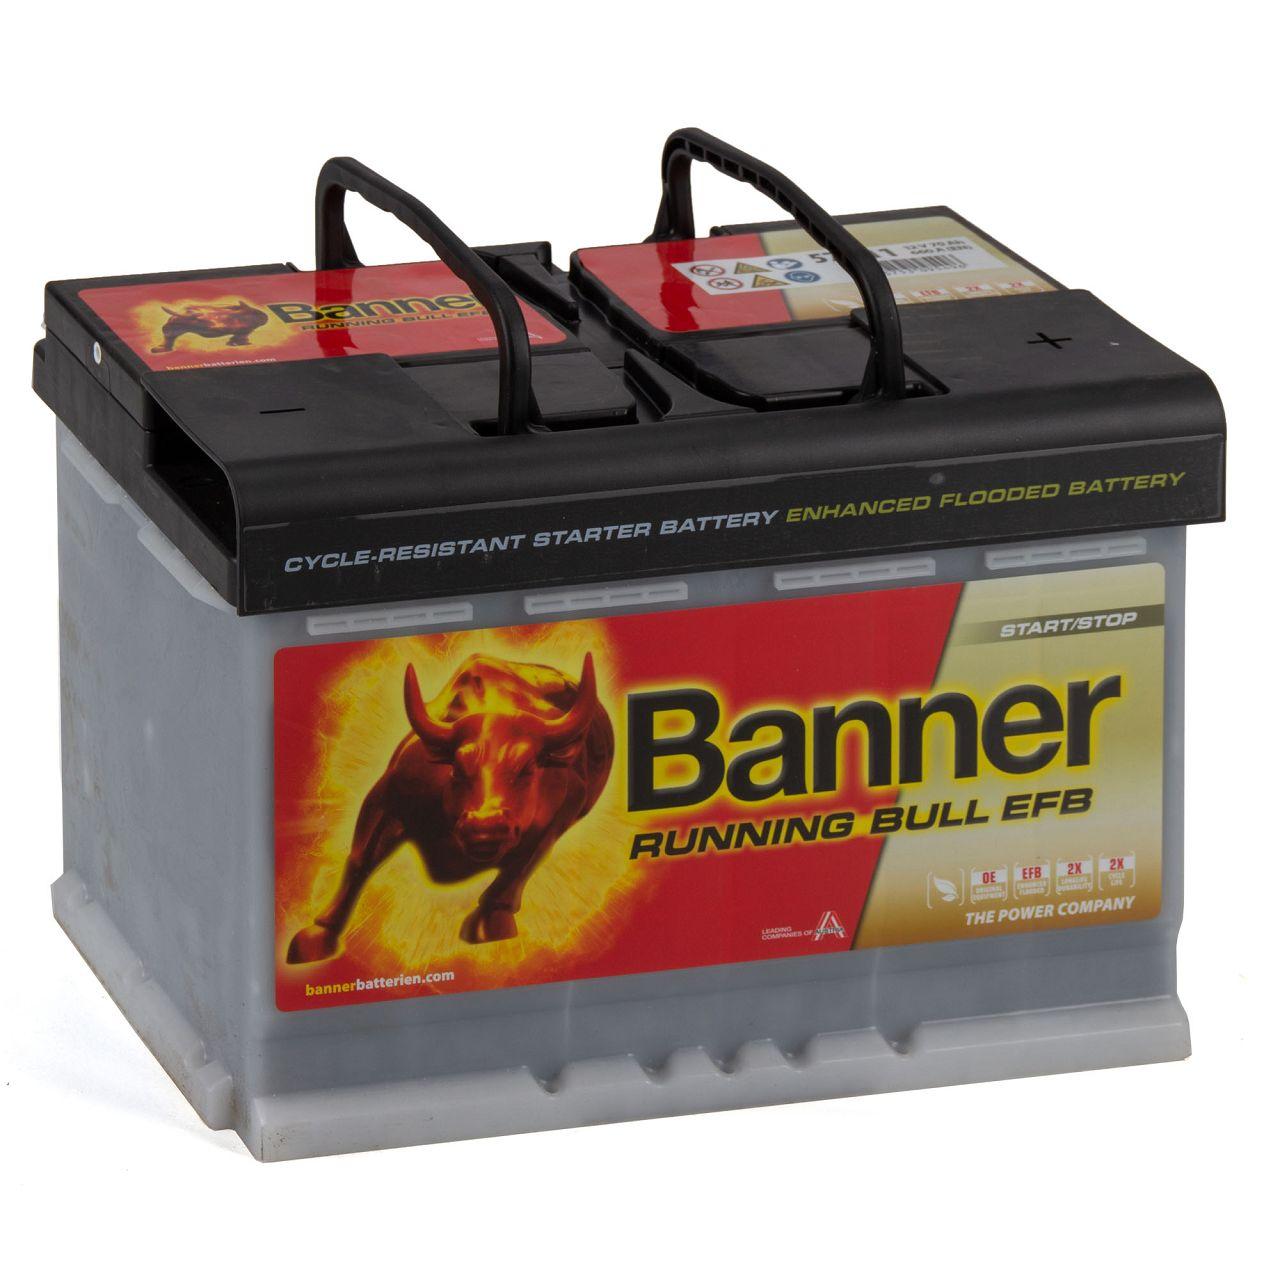 BANNER 57011 096EFBOE Running Bull EFB Autobatterie Batterie 12V 70Ah 660A